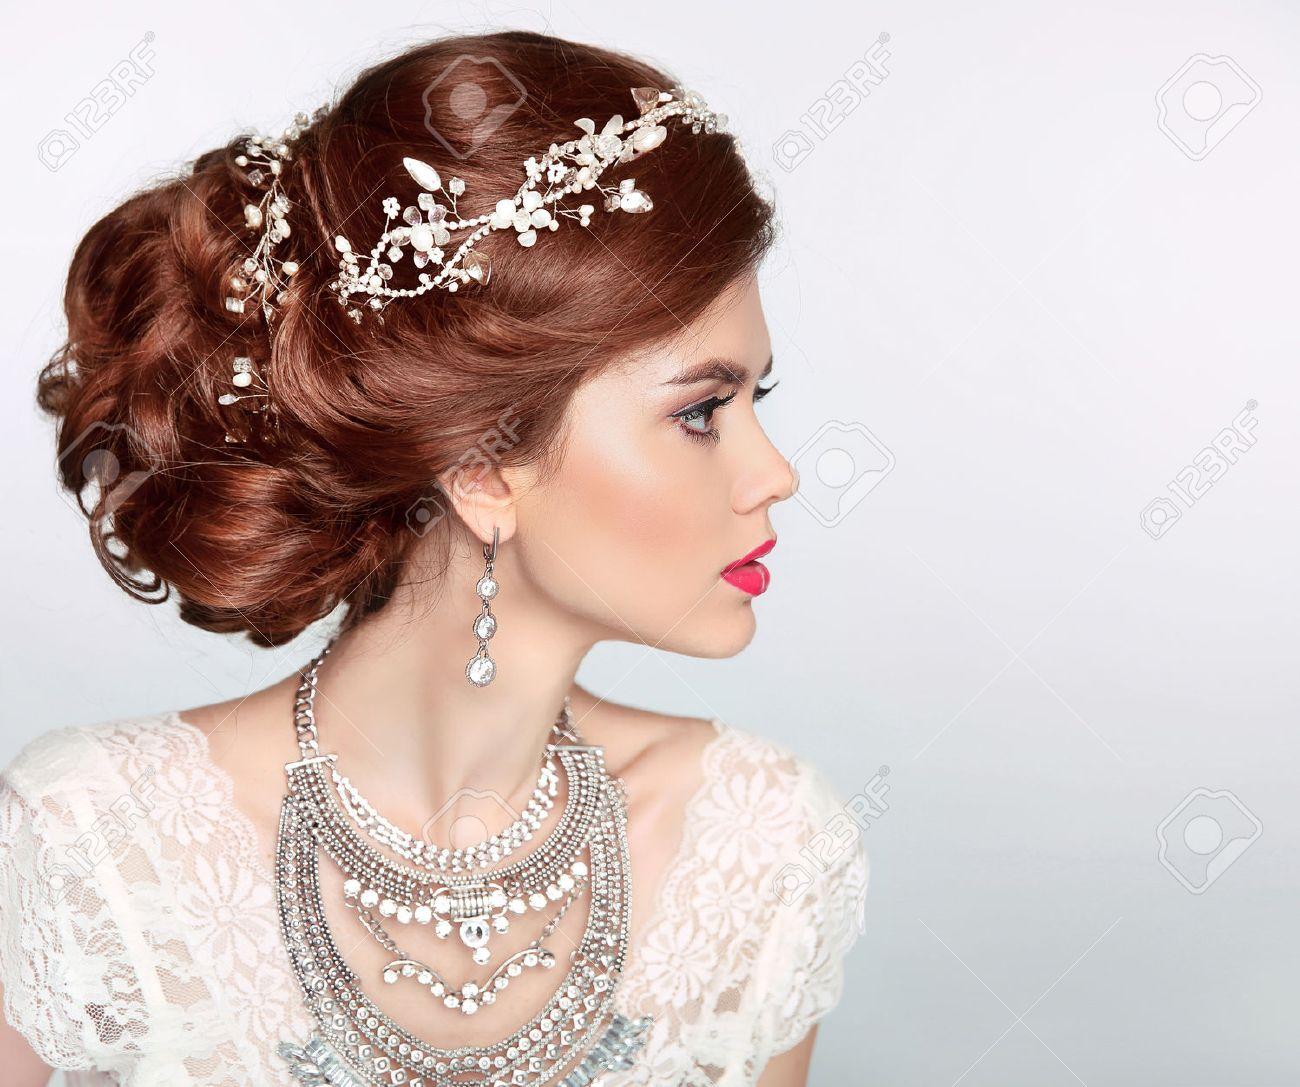 Hochzeitsfrisur. Schöne Mode Braut Mädchen Model Porträt. Luxus-Schmuck.  Attraktive junge Frau mit roten Haaren.